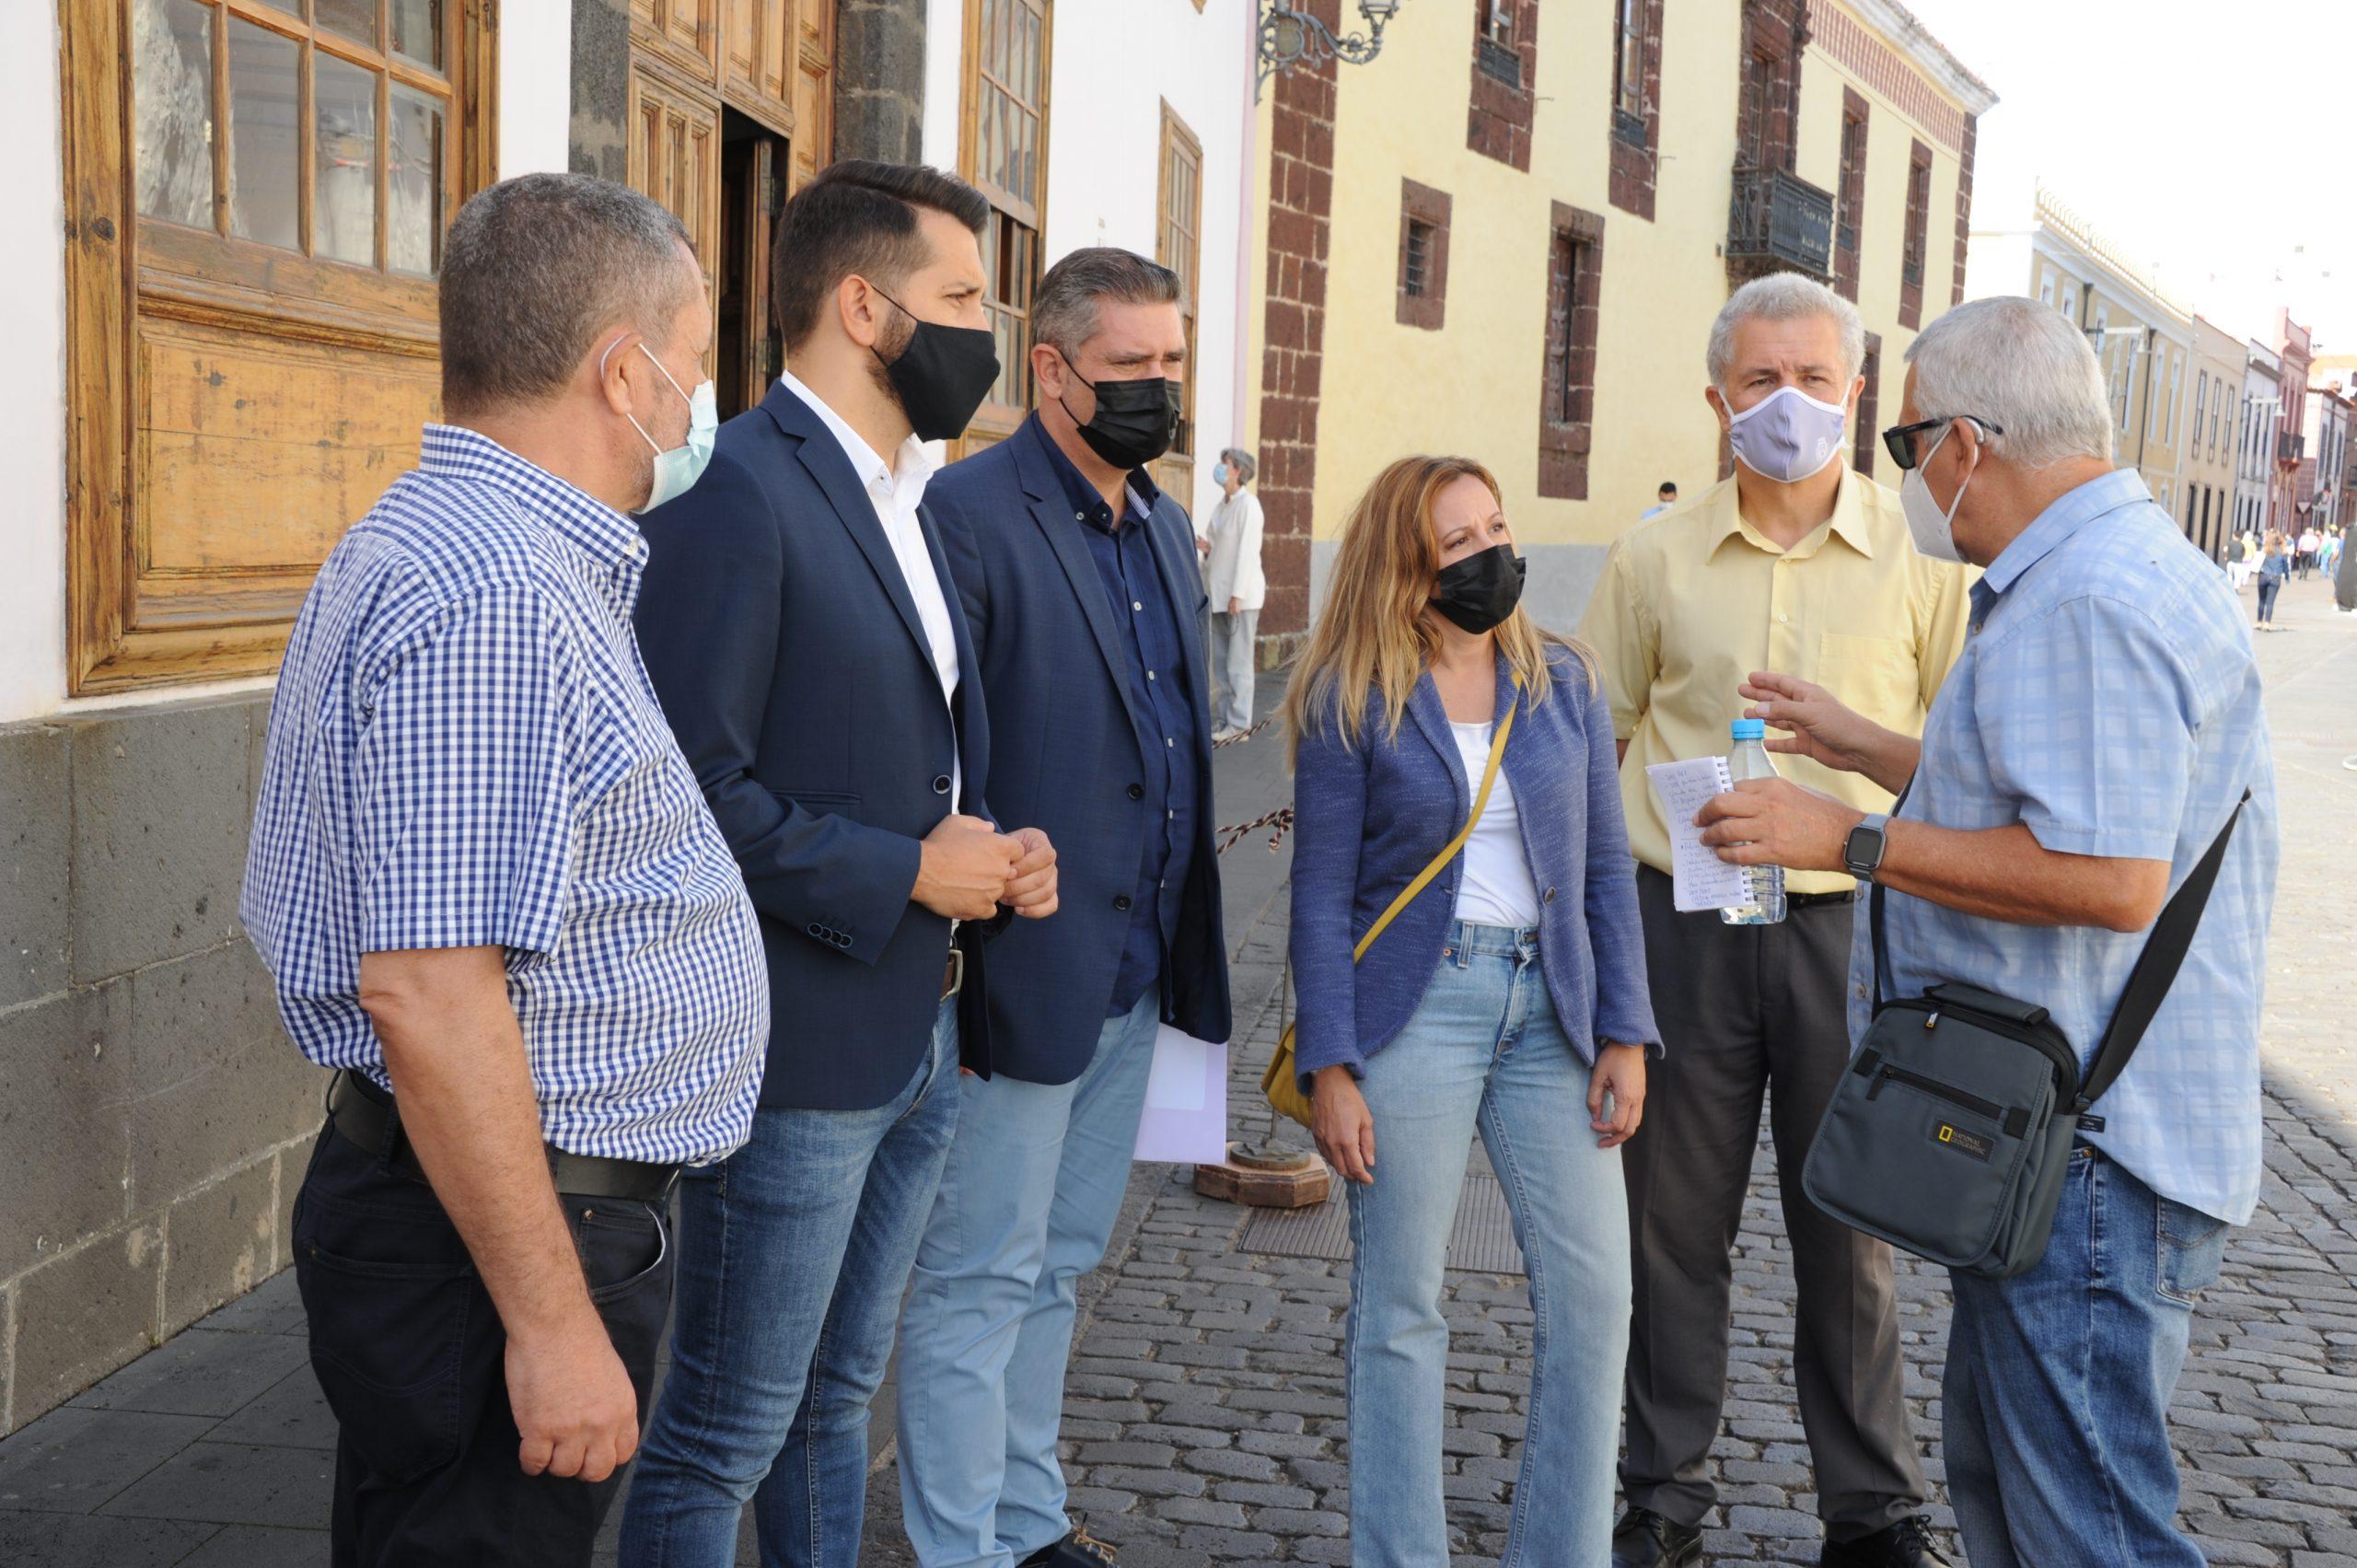 Coalición Canaria denuncia que los gobiernos de Luis Yeray y Ángel Víctor han abandonado el patrimonio de La Laguna